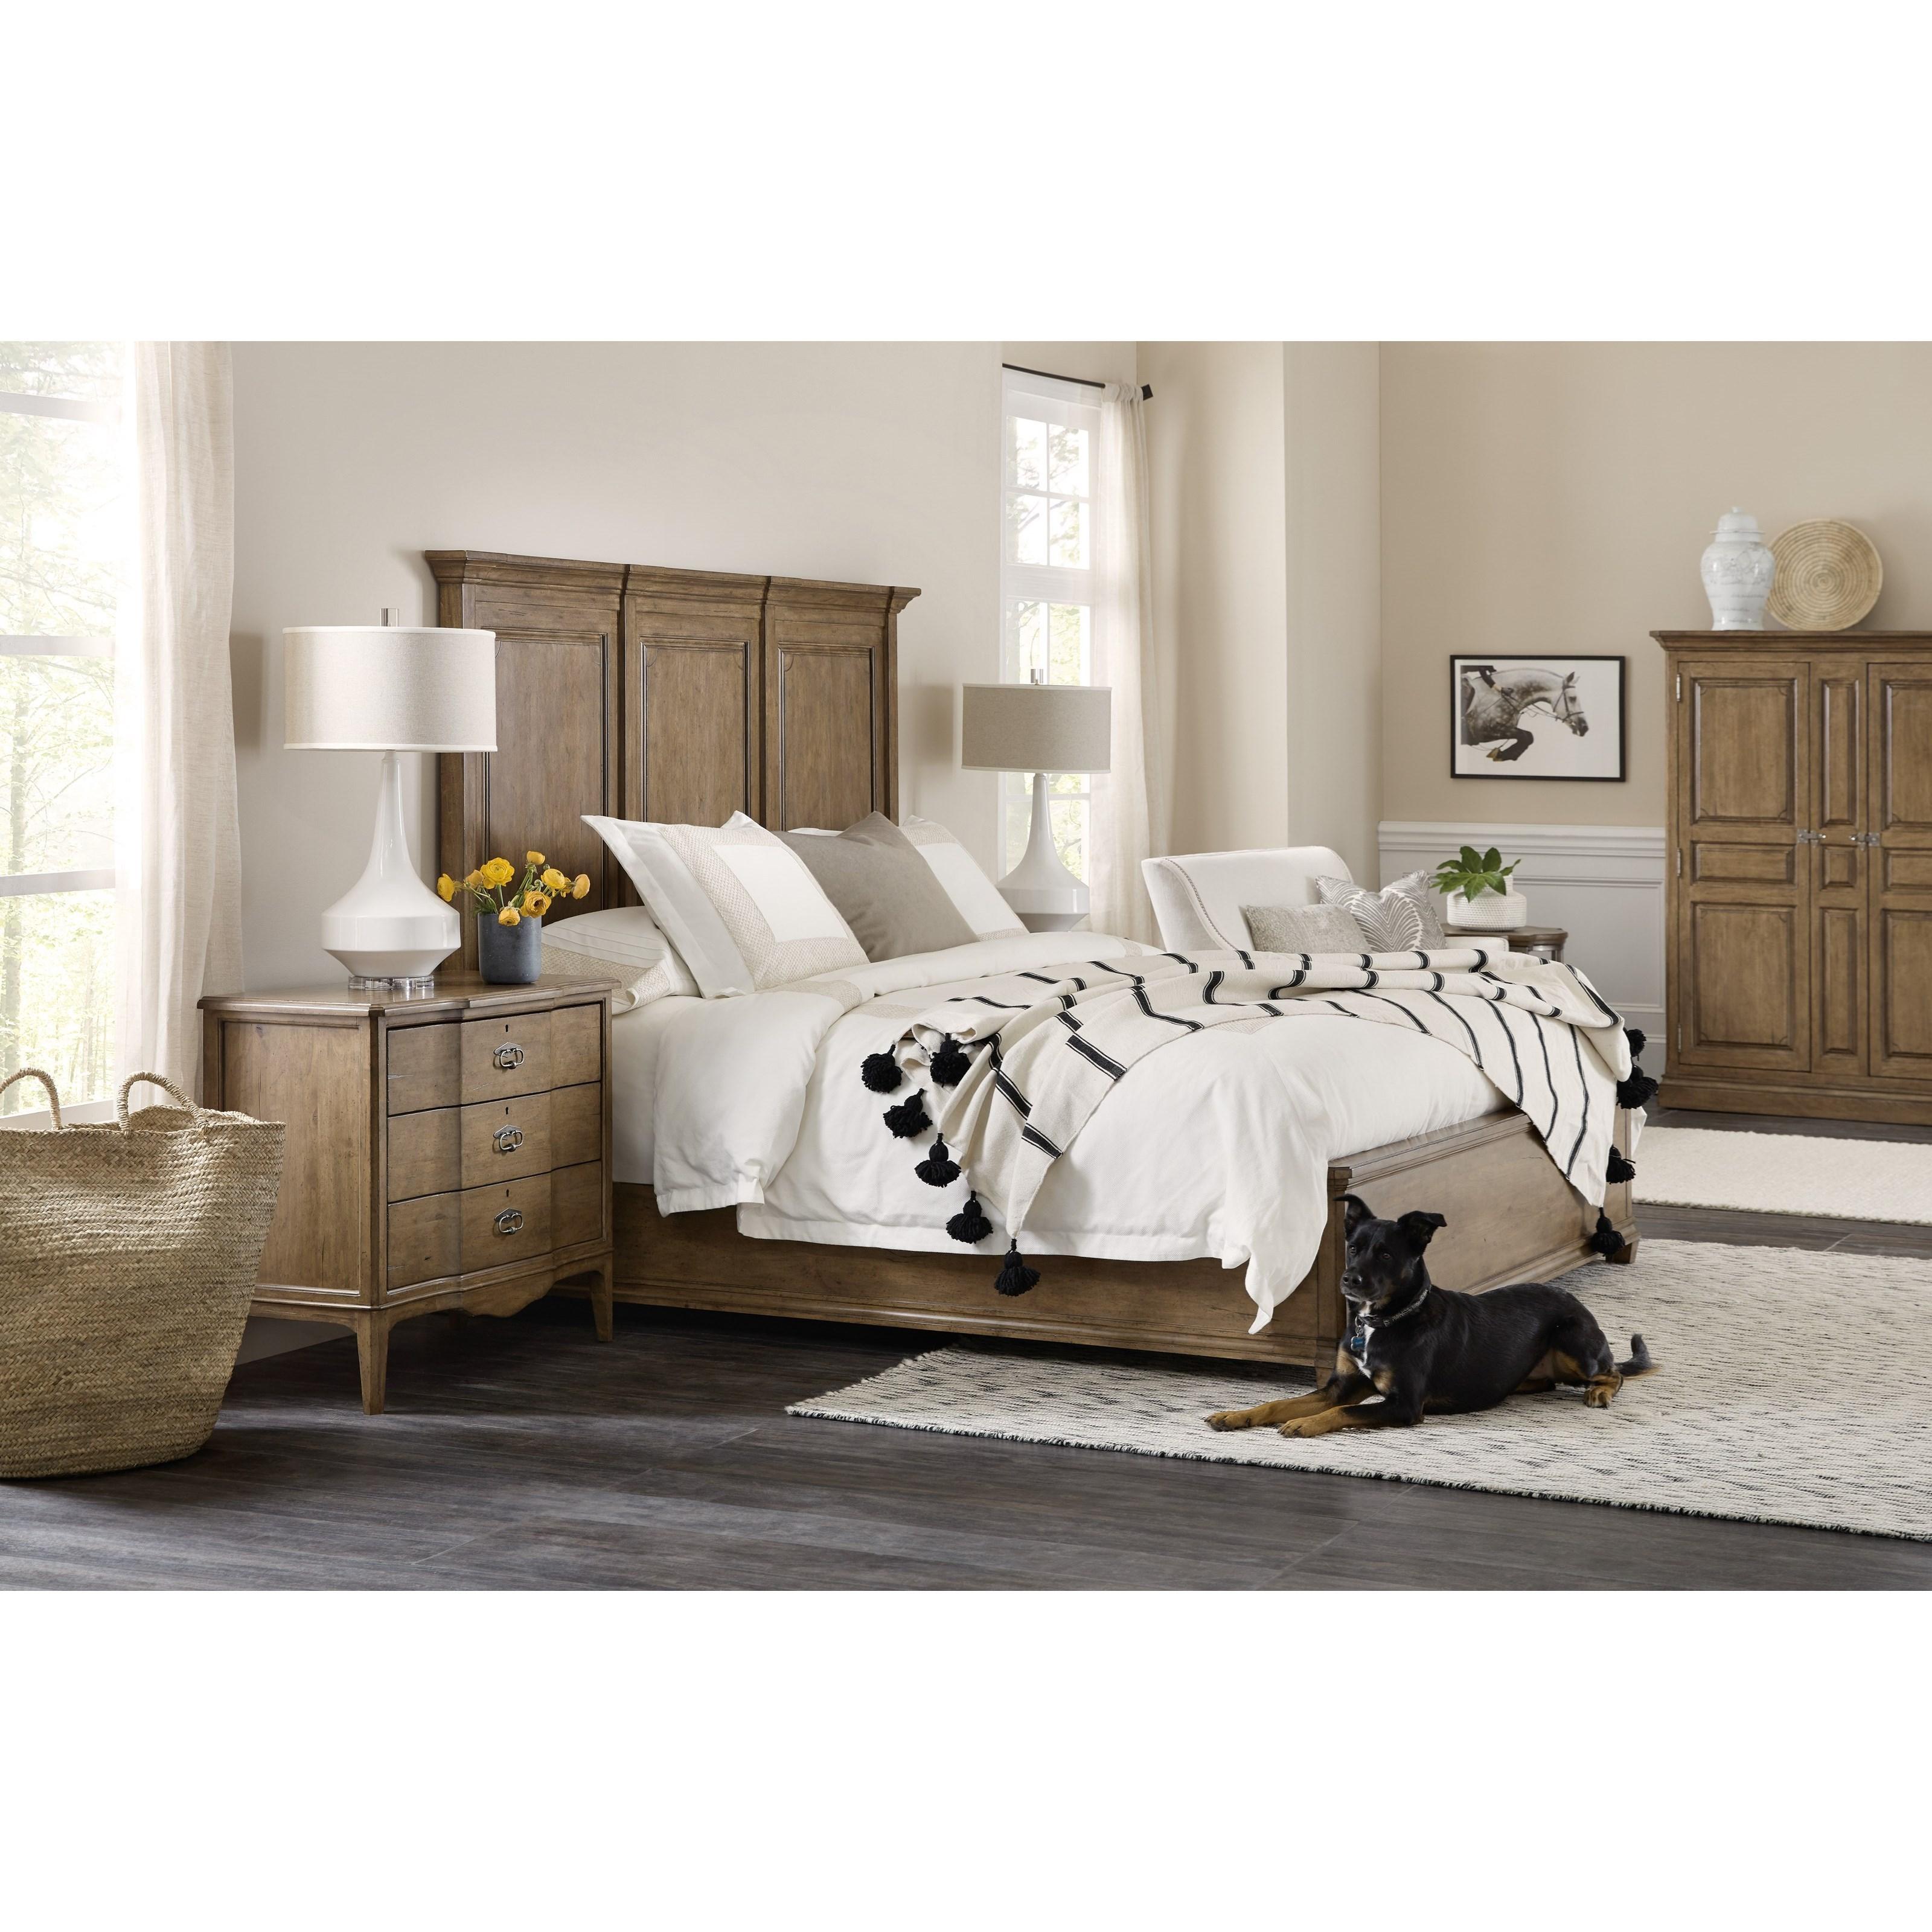 Hooker Furniture Montebello King Bedroom Group Belfort Furniture Bedroom Groups